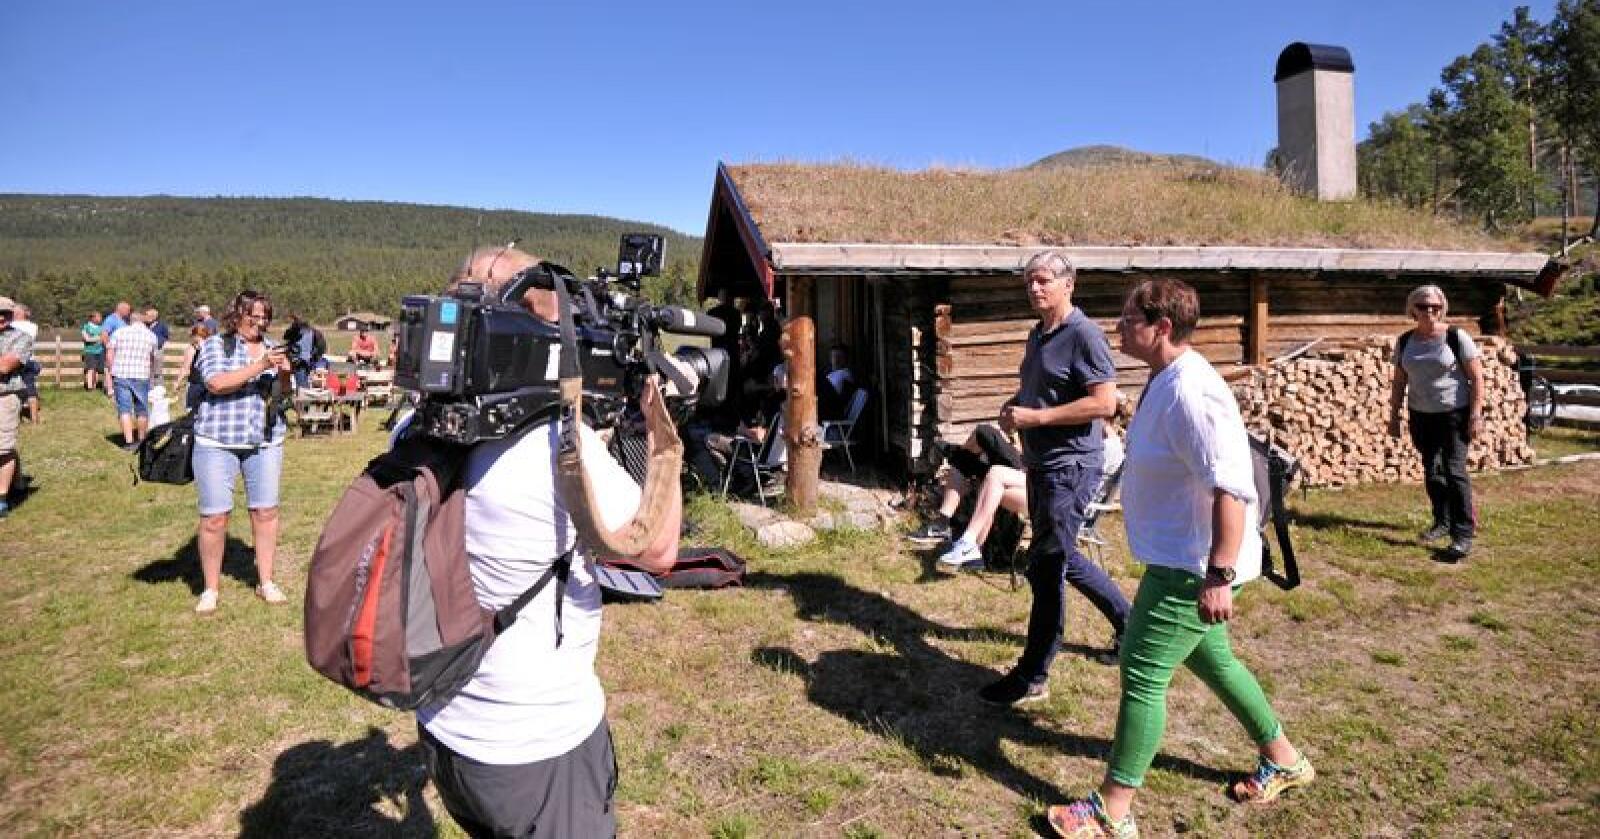 Klima- og miljøminister Ola Elvestuen møtte 1. juli sauebønder i Nord-Østerdalen. Foto: Sivert Rossing